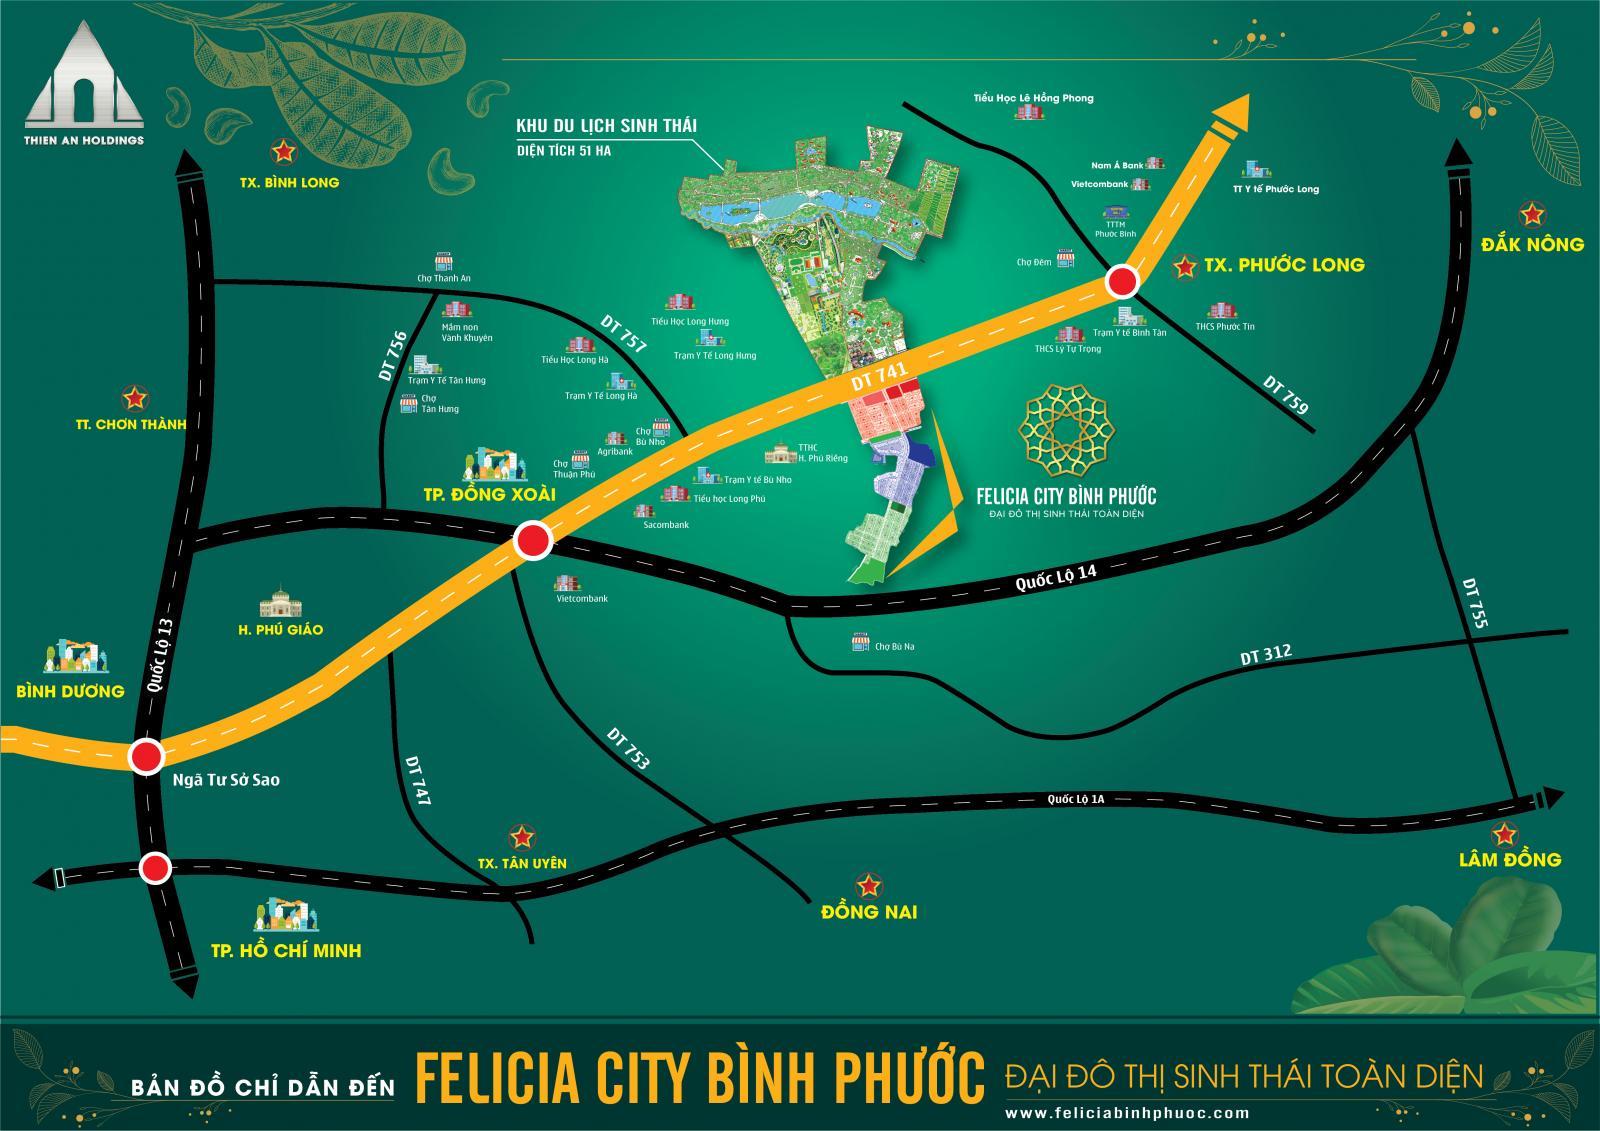 Vị trí dự án Fecilia City Bình Phước